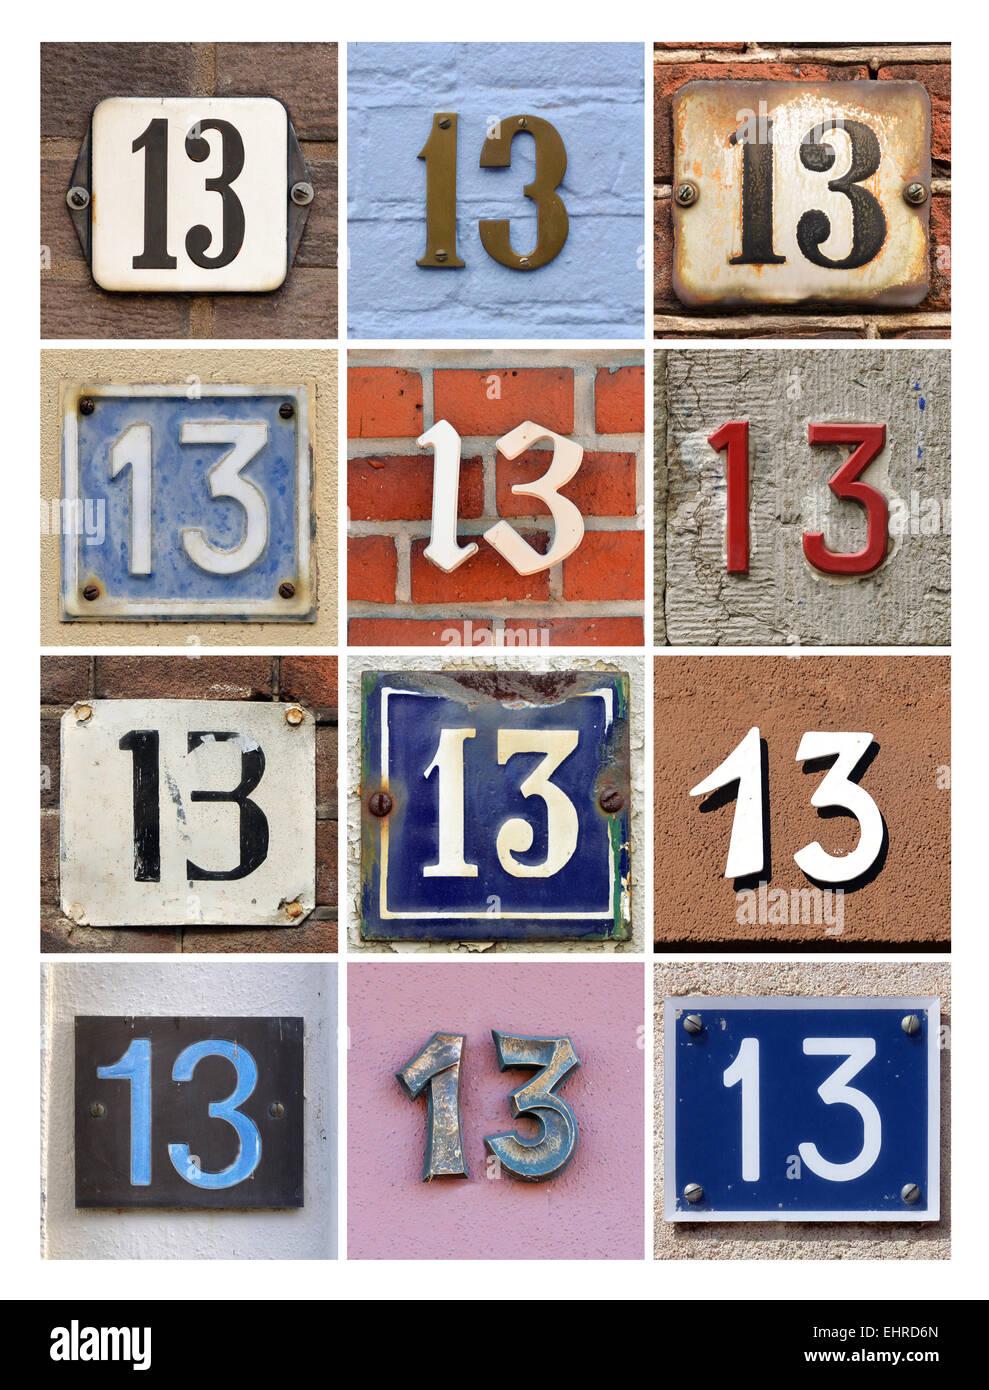 Numéro 13 - Collage de treize numéros de maison Photo Stock